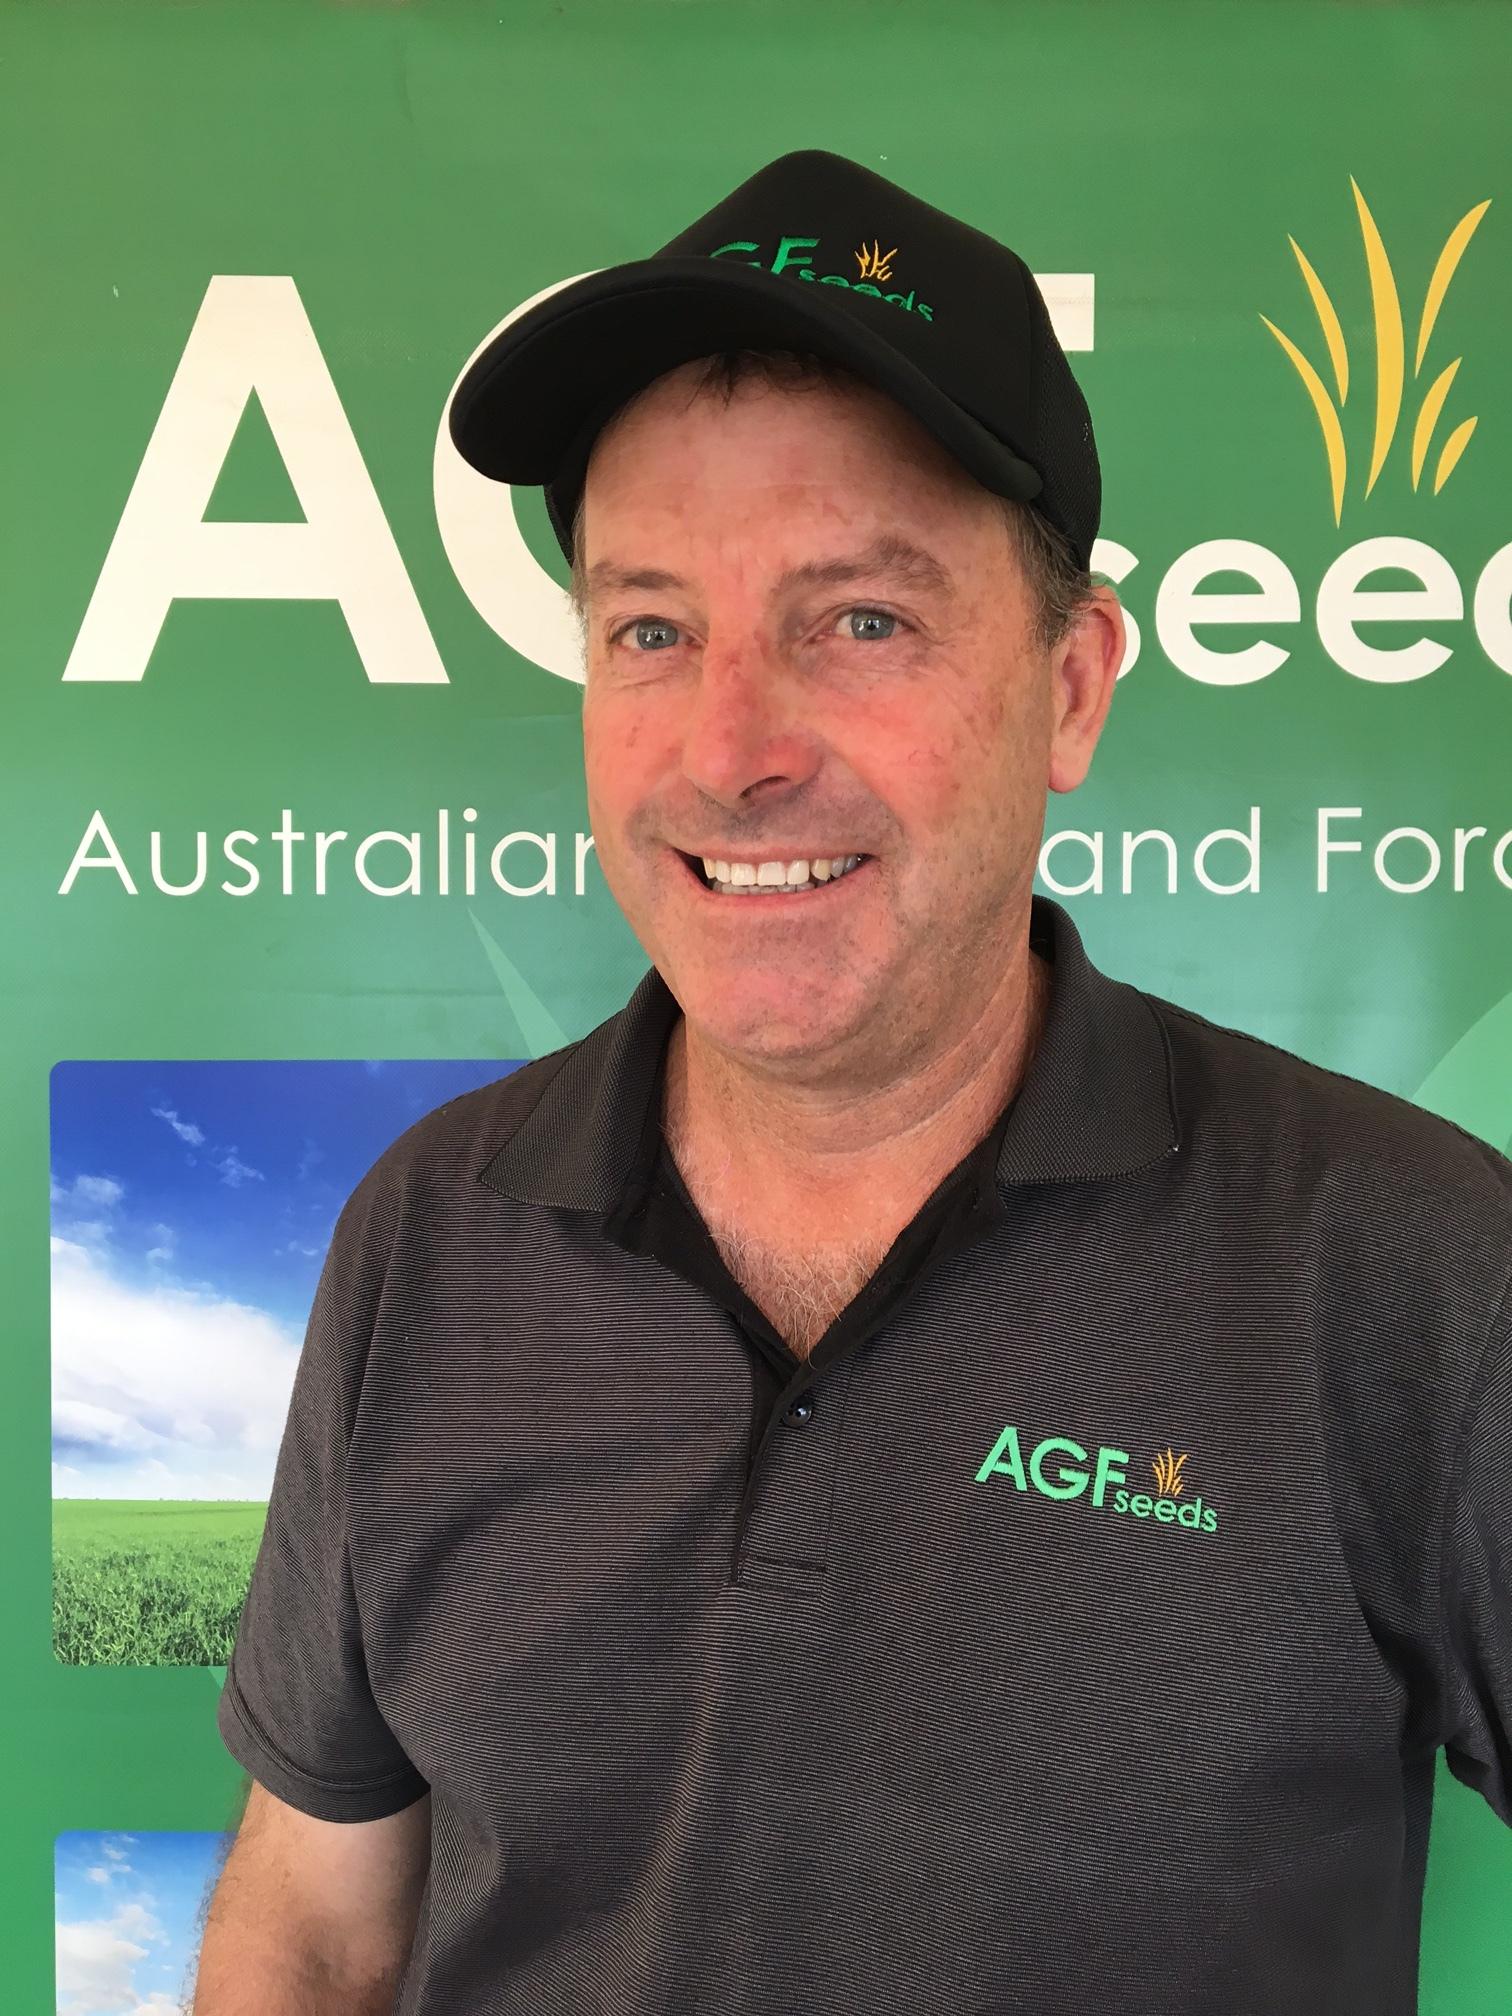 David Toose - Director   david.toose@agfseeds.com.au  0418 584 942